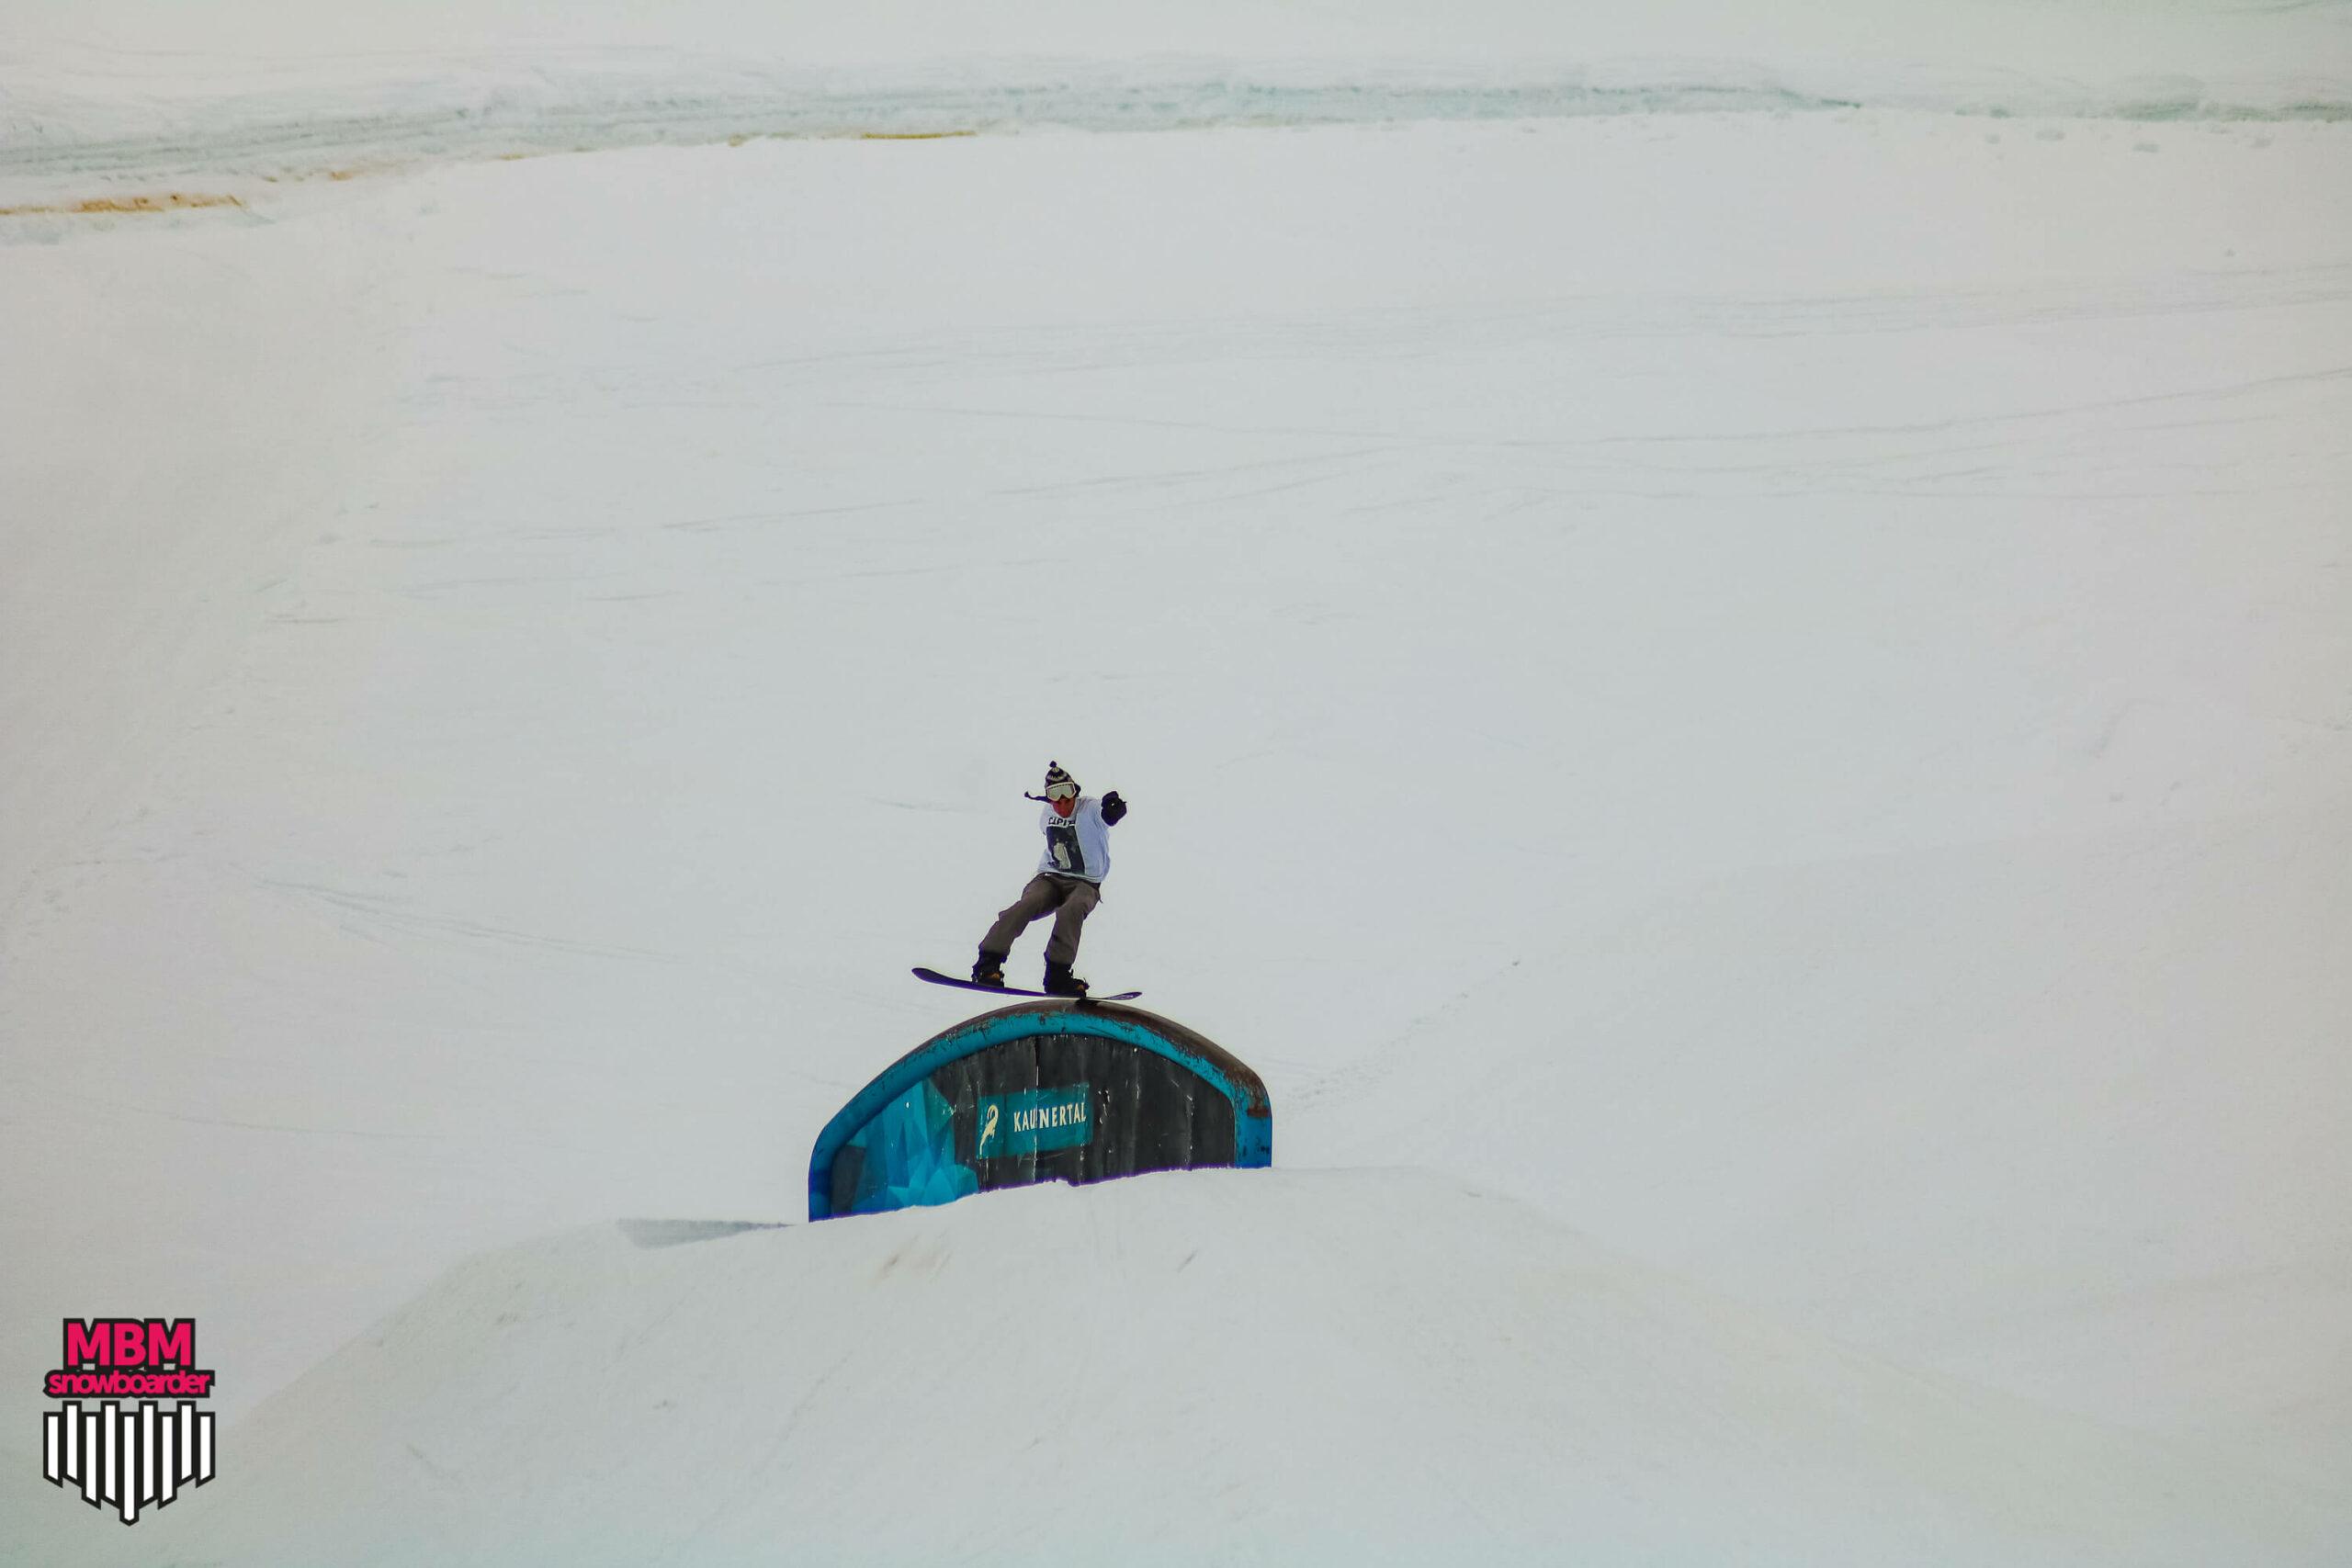 snowboarderMBM_sd_kaunertal_059